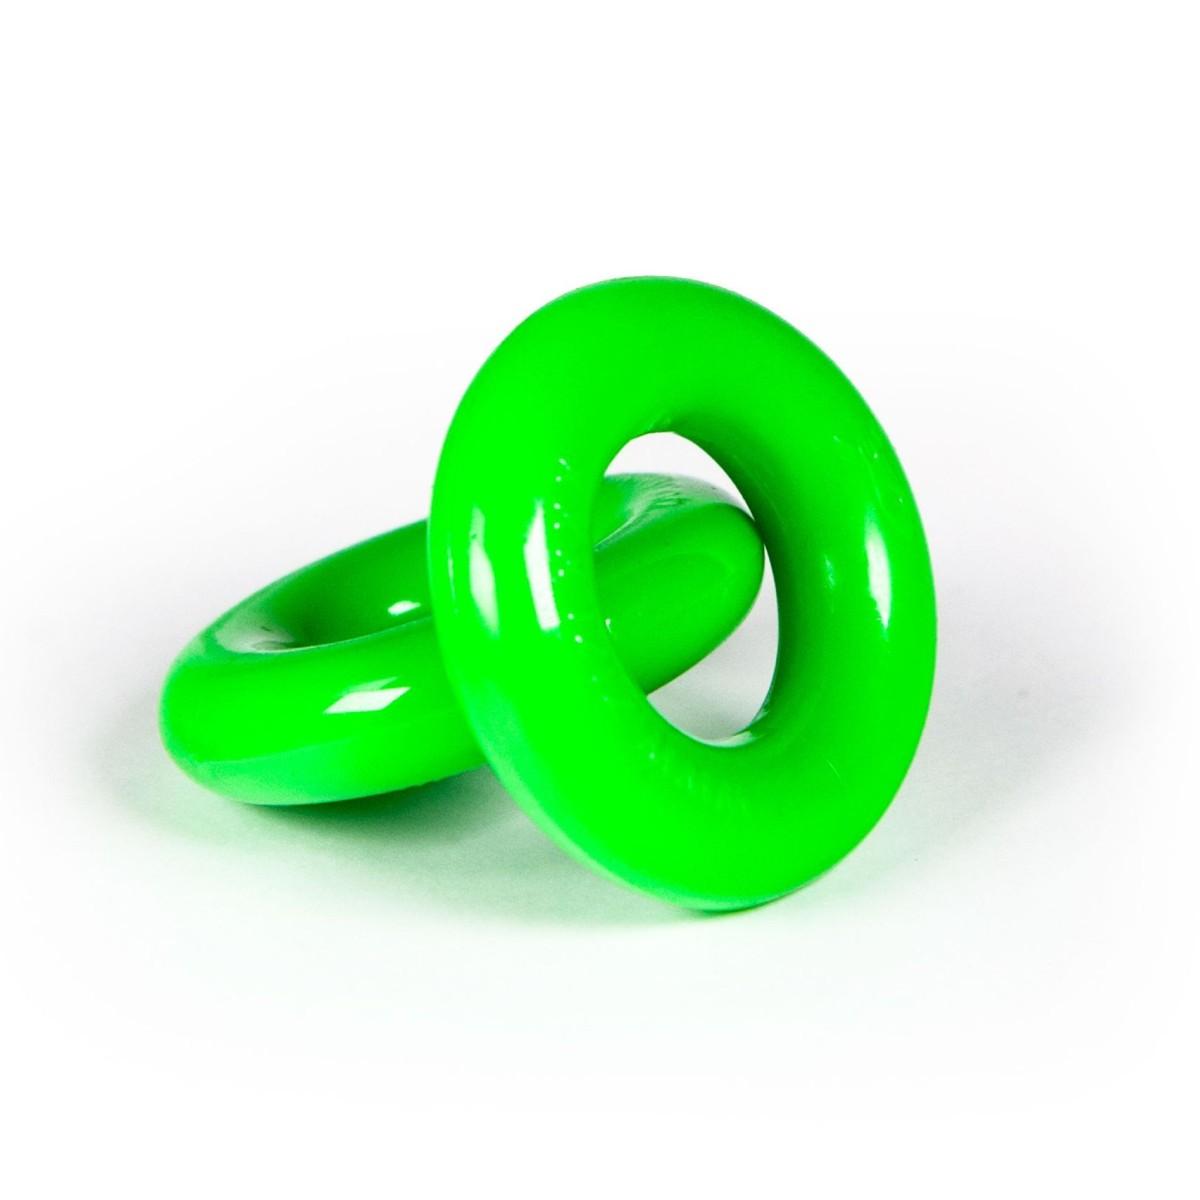 Zizi Top Cock Rings 2 pcs Fluo Green